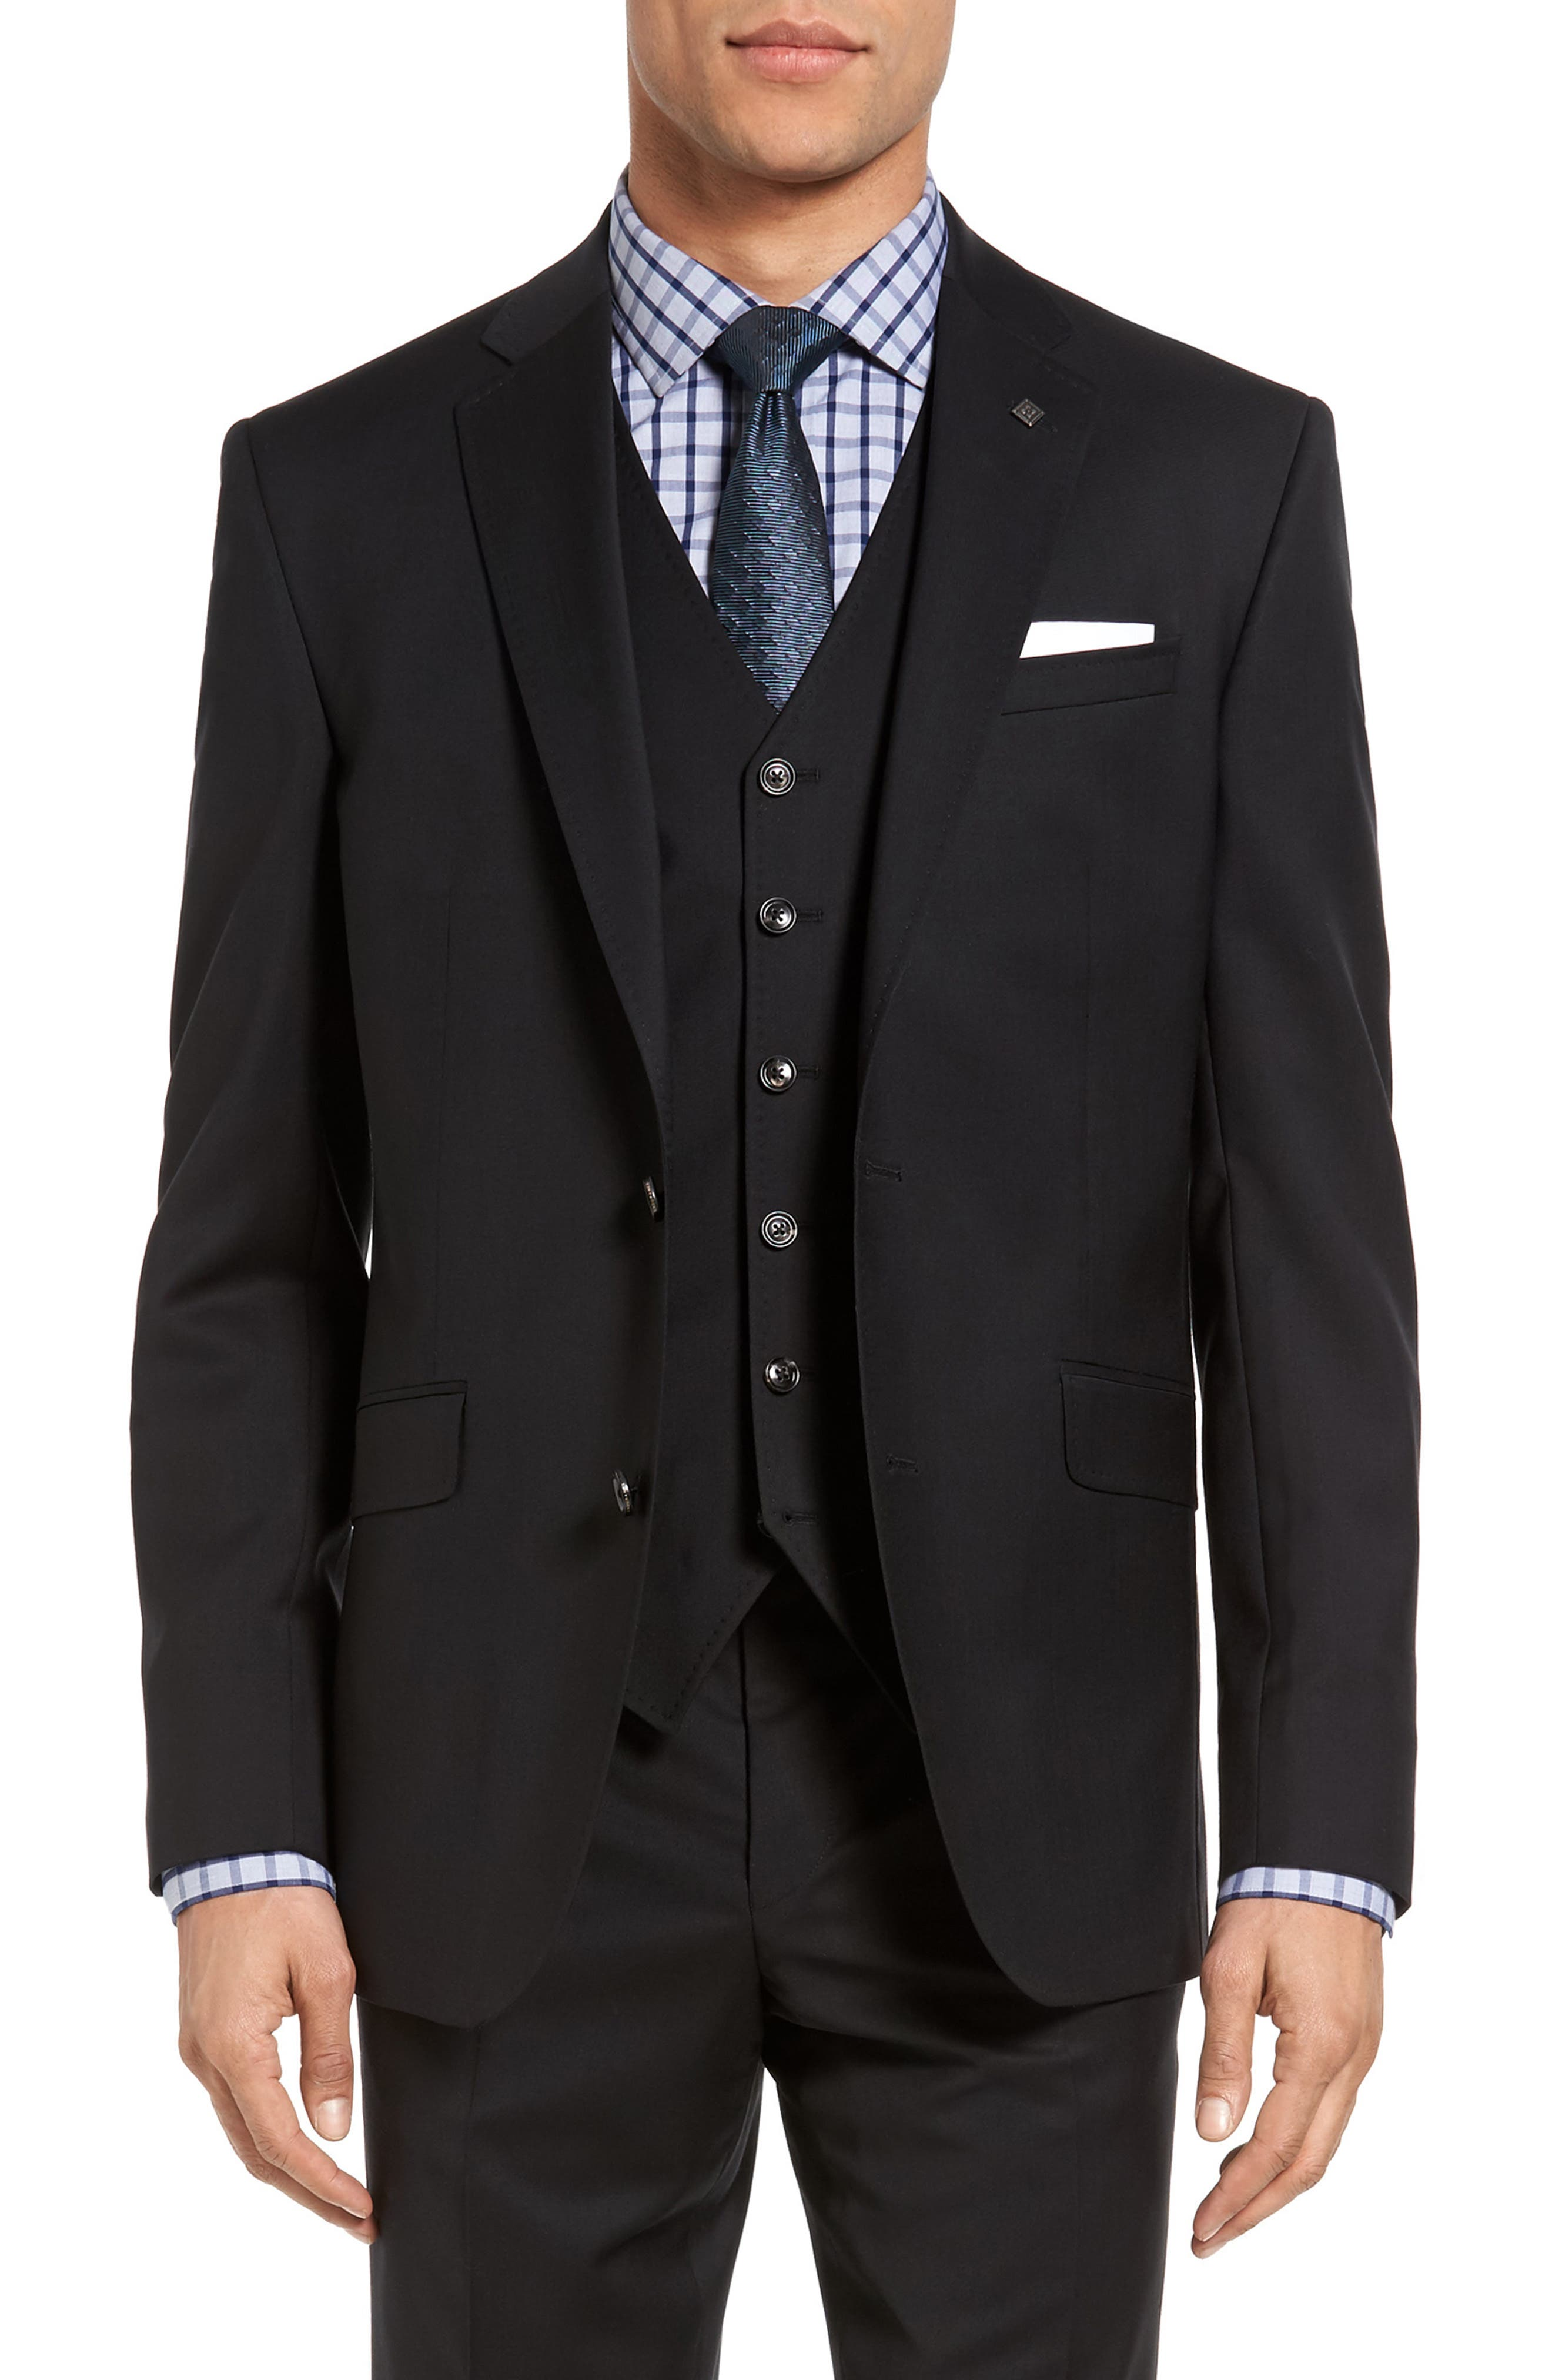 Jones Trim Fit Wool Suit,                             Main thumbnail 1, color,                             001